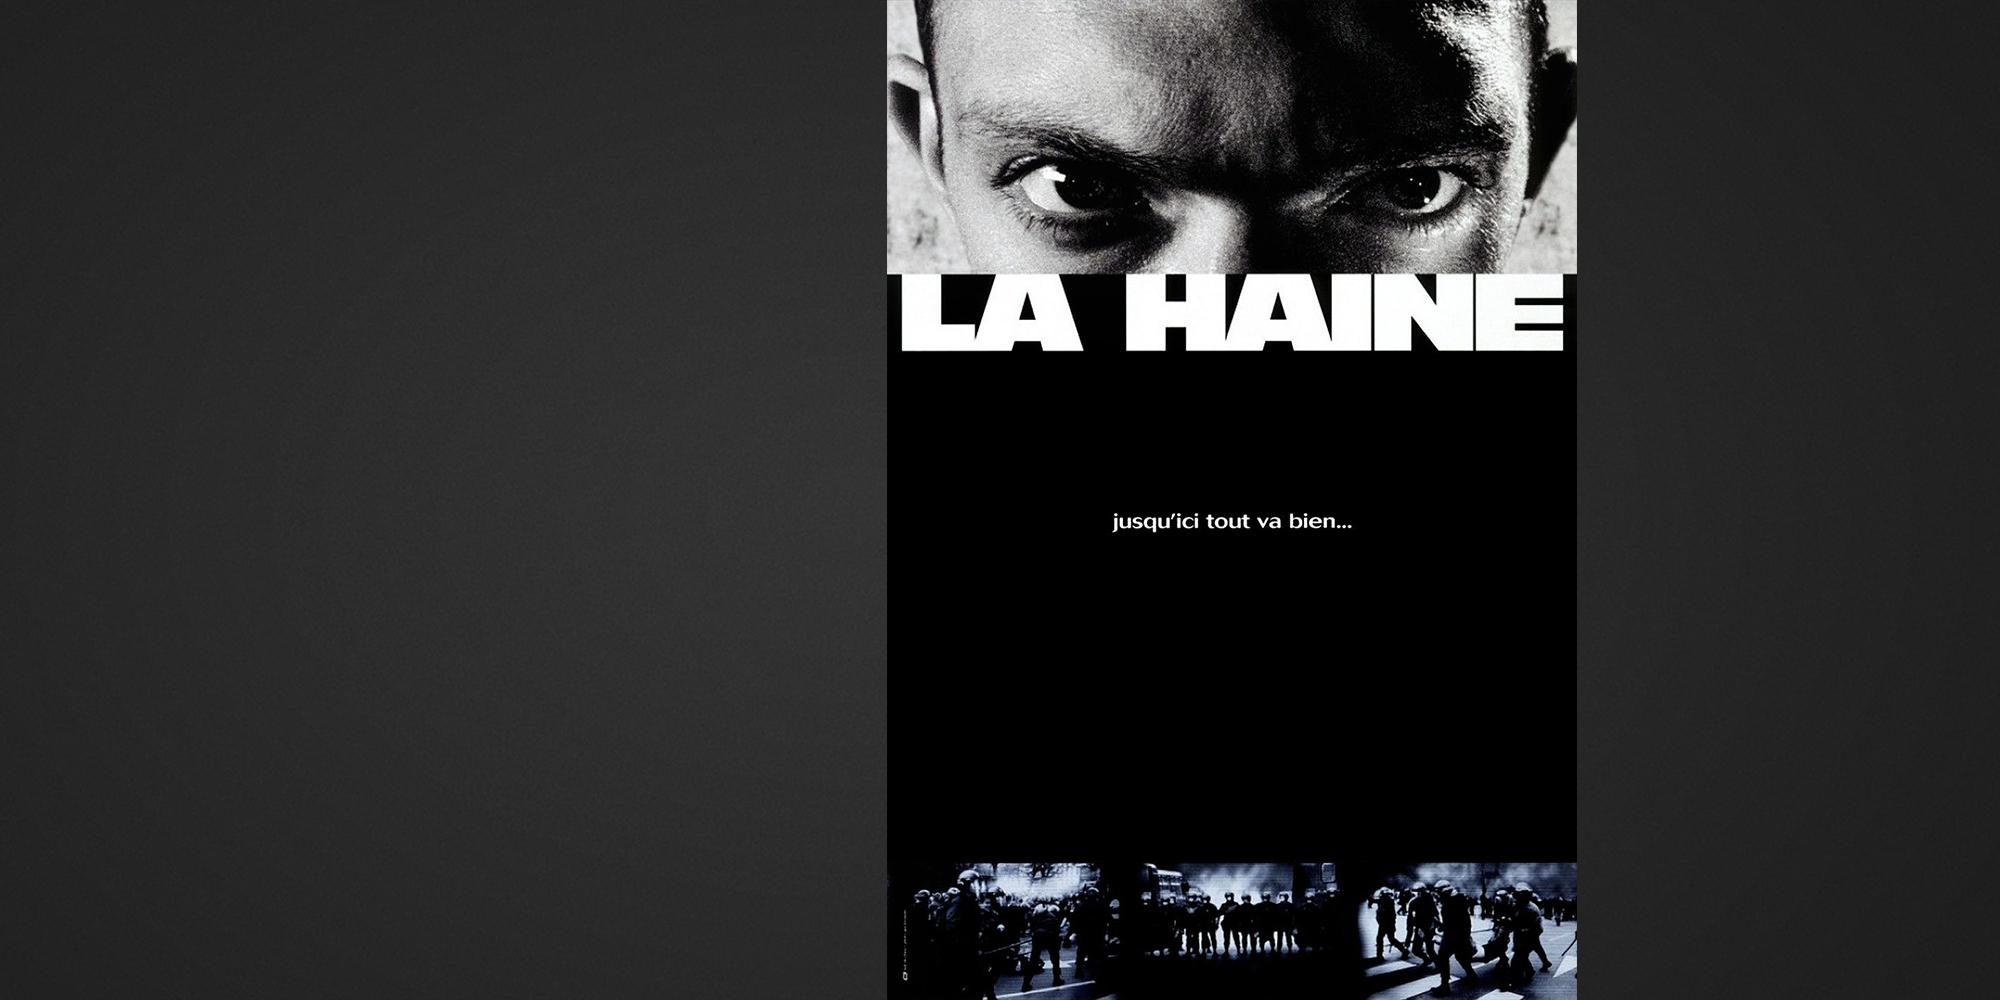 LA HAINE / POSTER DESIGN